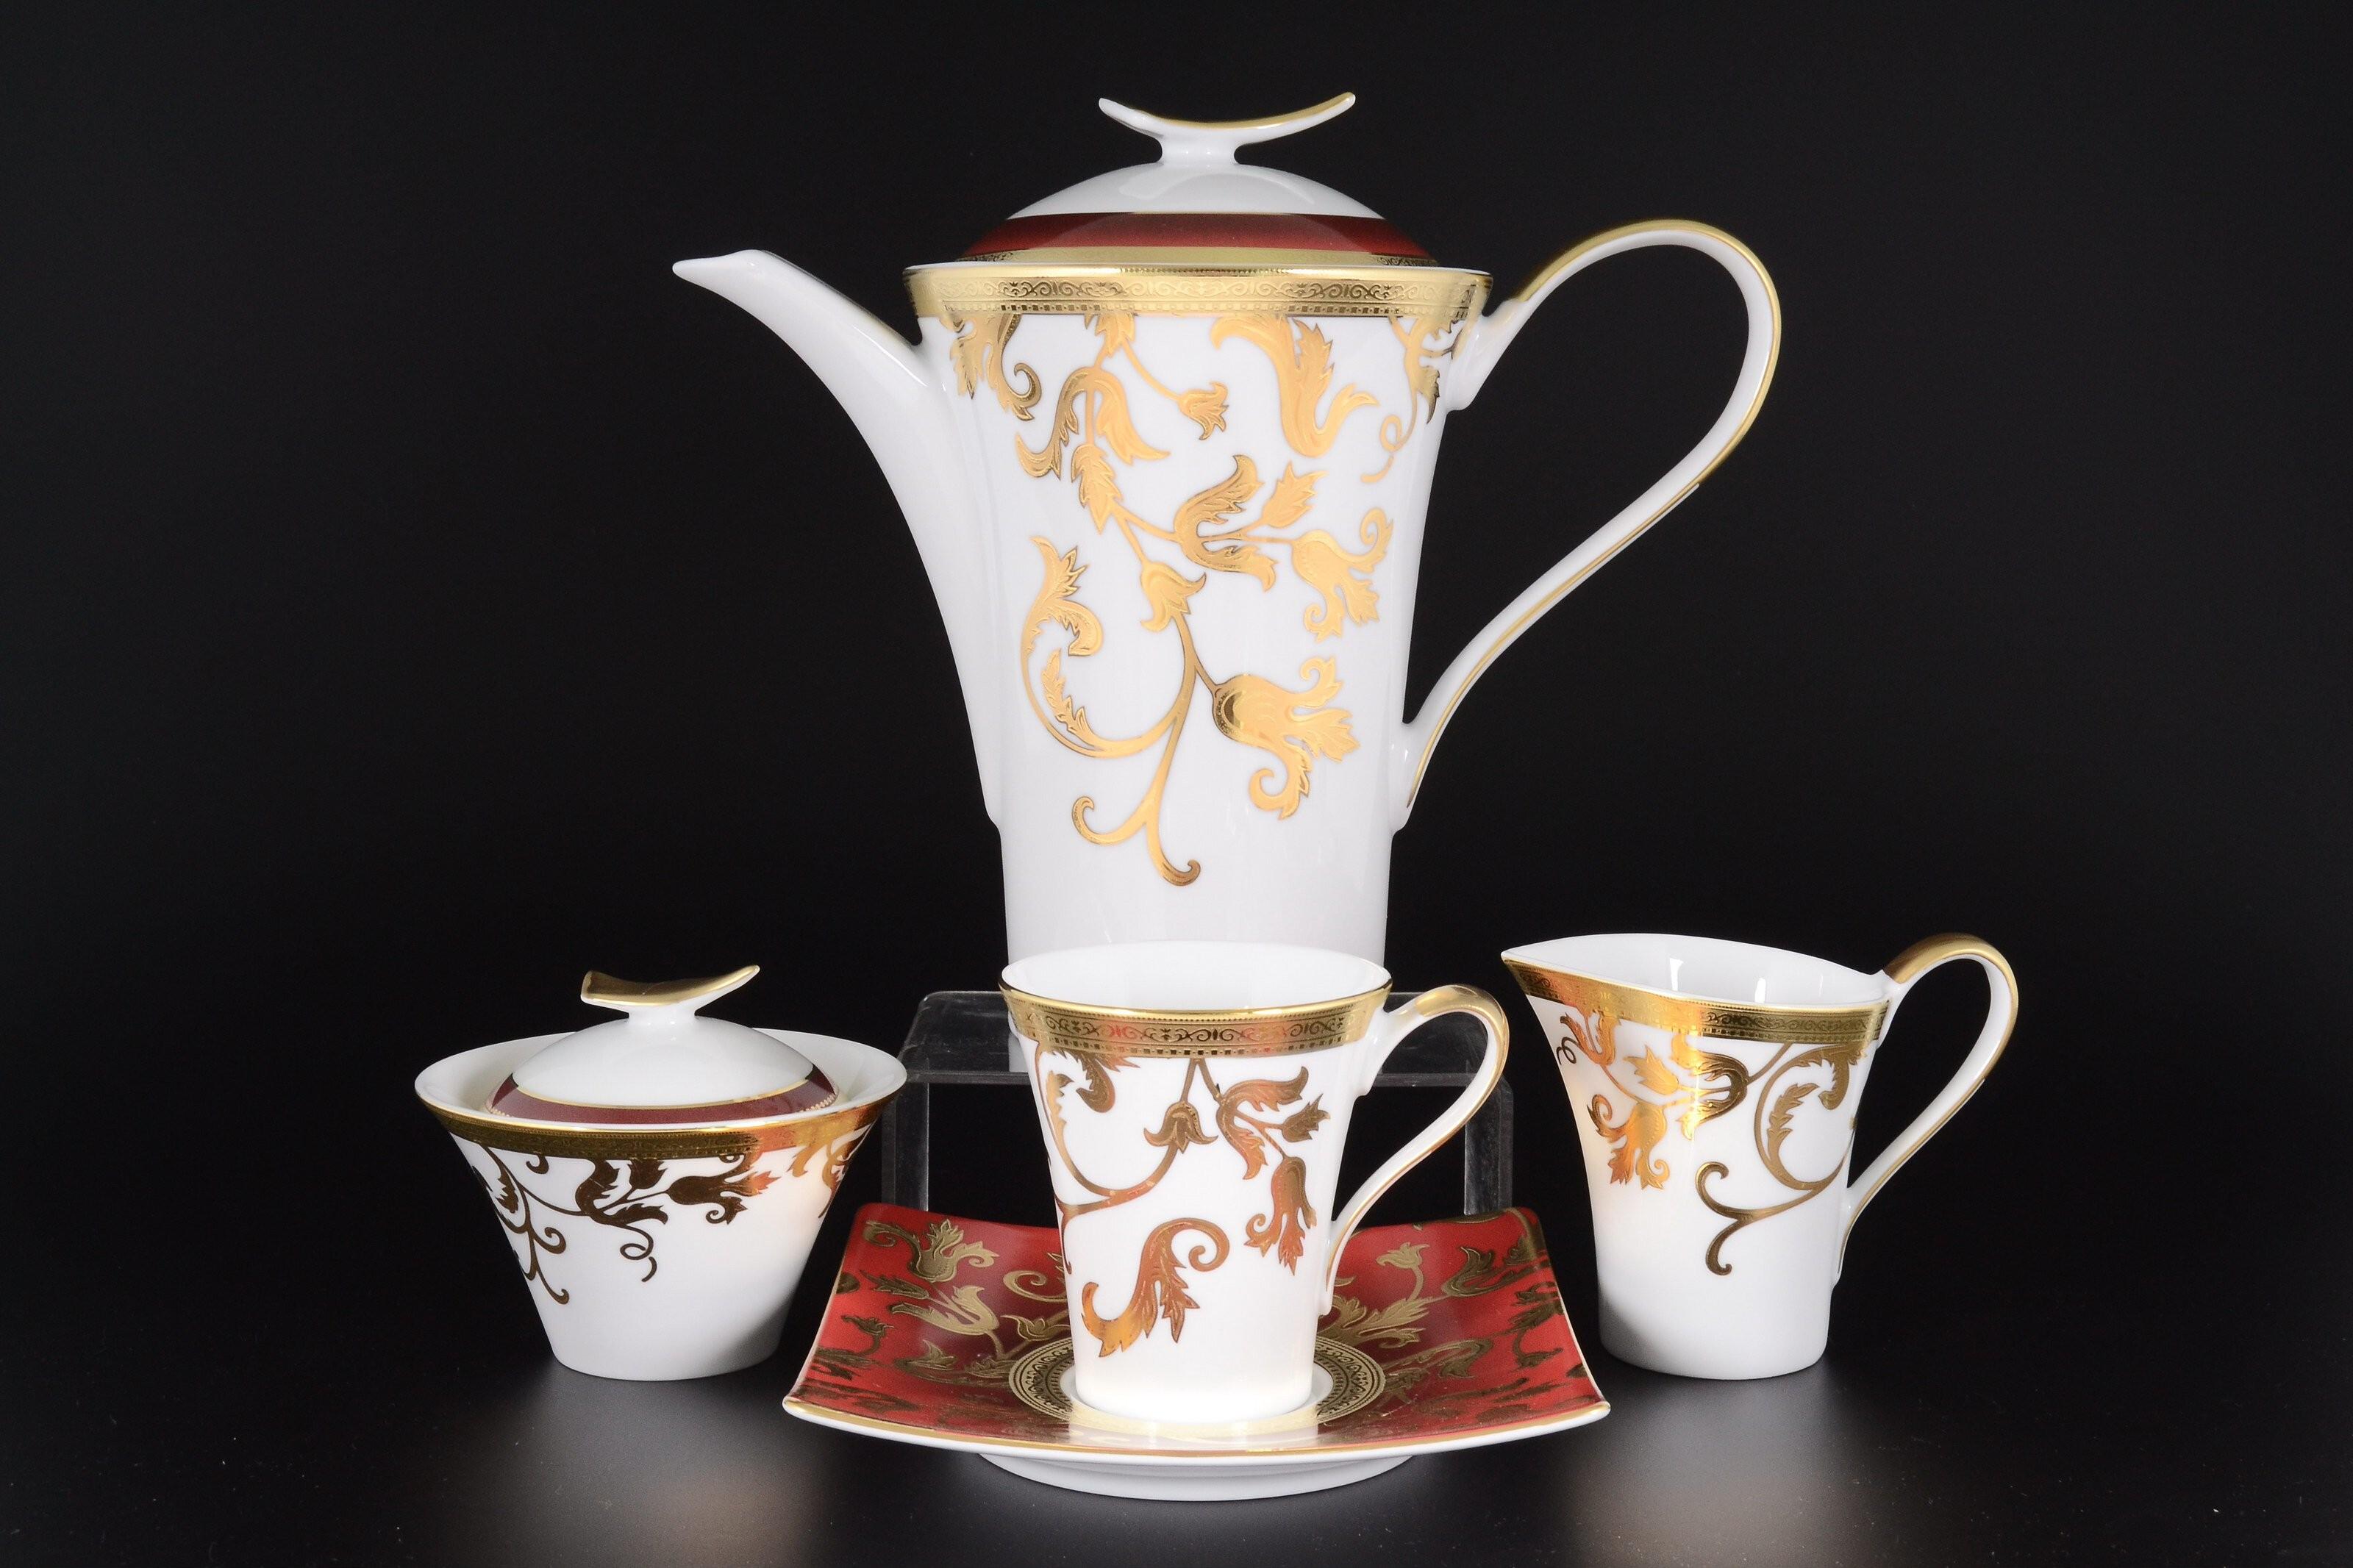 Чайный сервиз TOSCA BORDEAUX GOLD от Falkenporzellan на 6 персон, 17 предметов